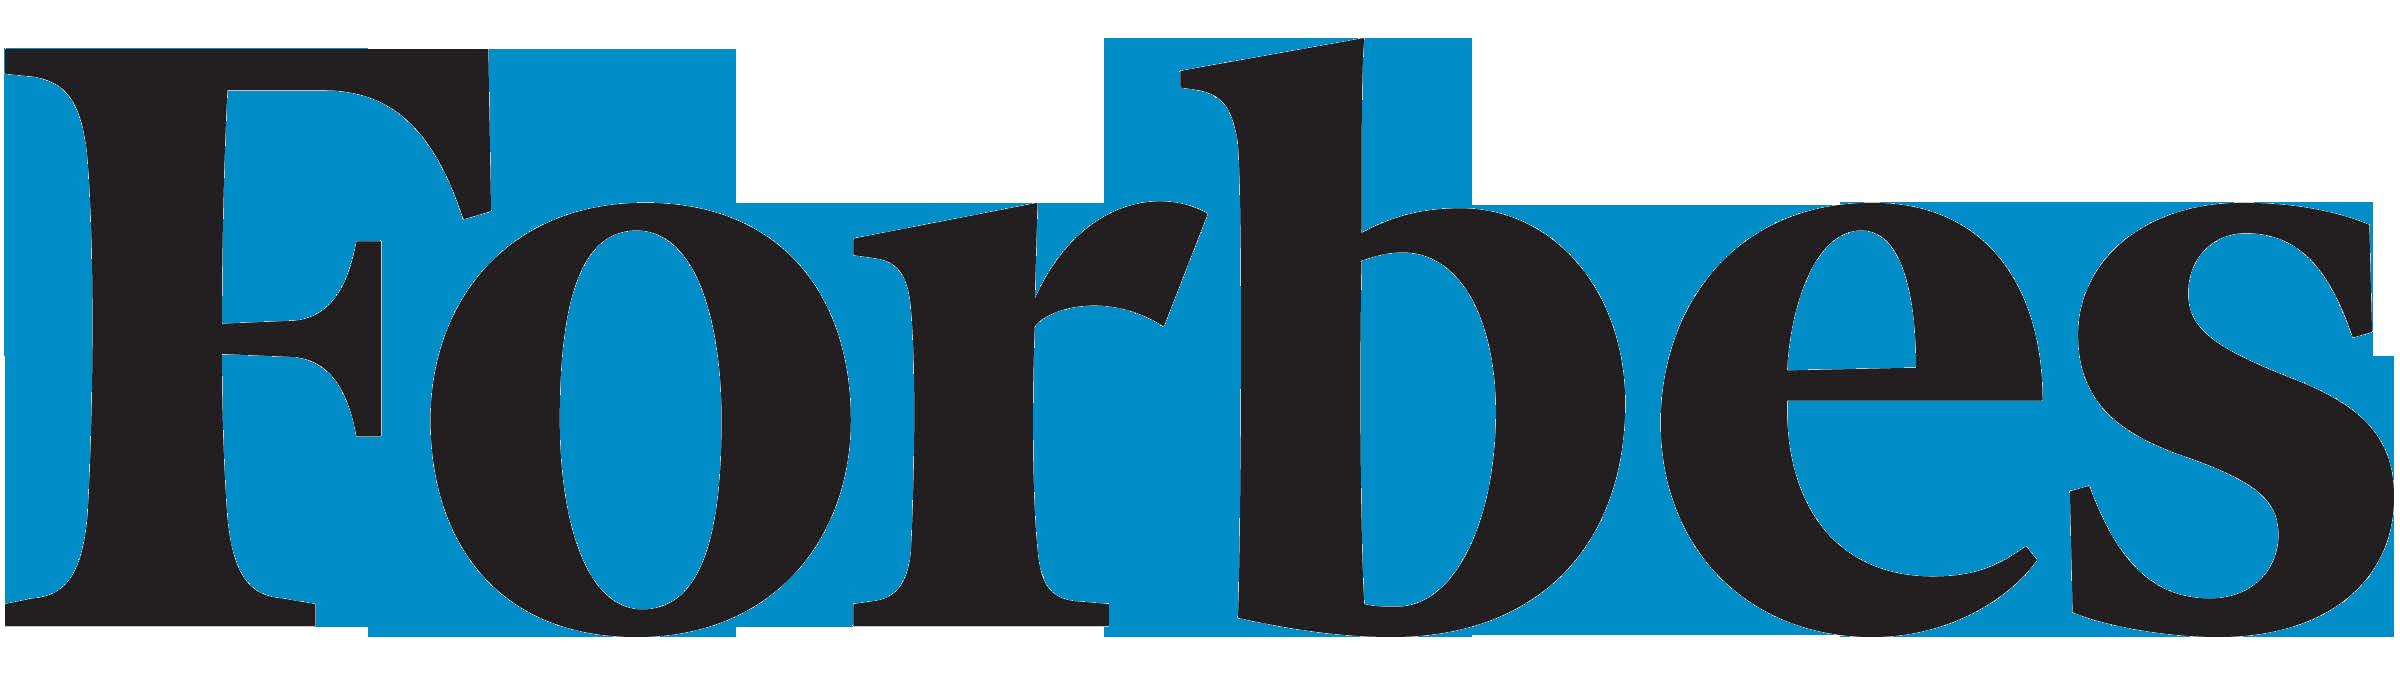 Forbes-vinokilo